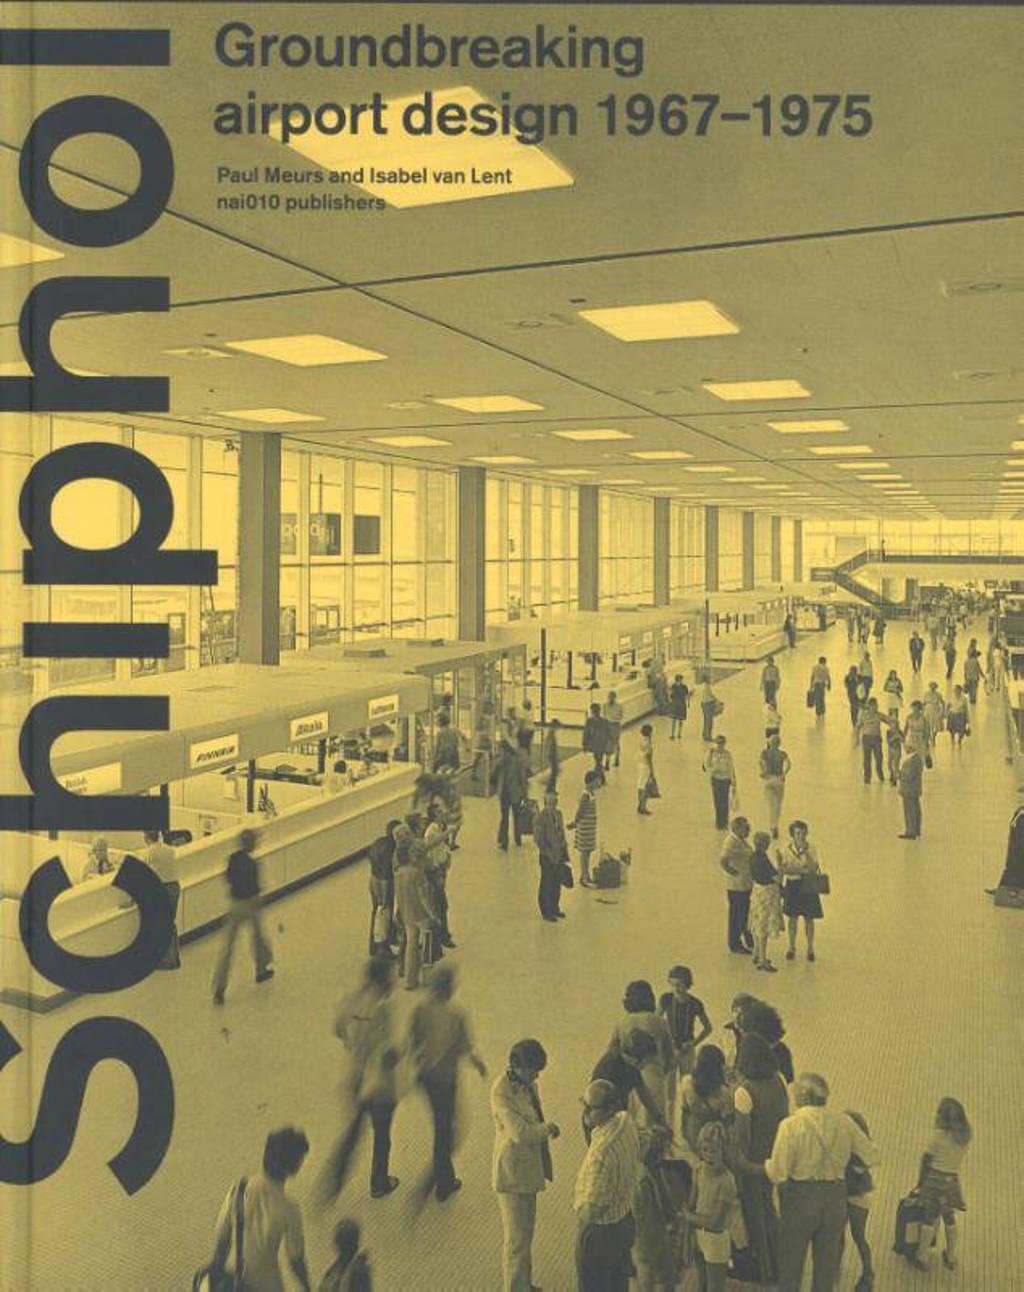 Schiphol - Groundbreaking airport design 1967-1975 - Paul Meurs en Isabel van Lent